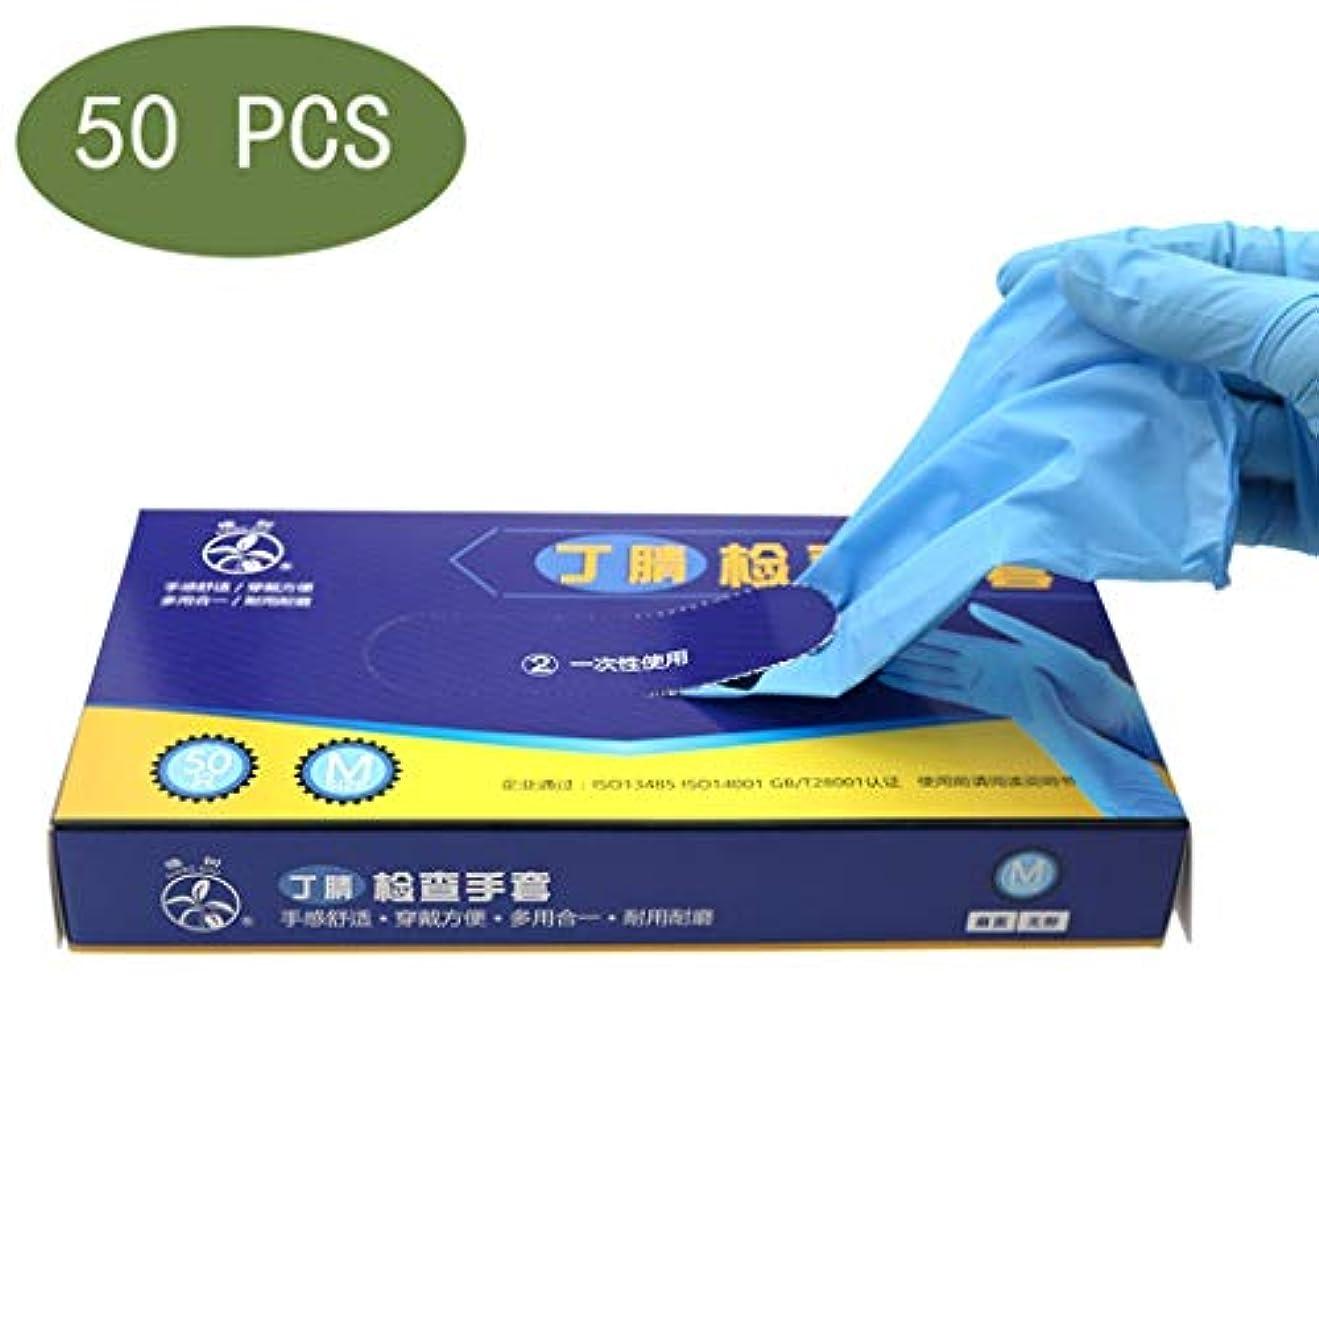 浮浪者エジプト粉砕するニトリル試験手袋-医療グレード、パウダーフリー、ラテックスゴムフリー、使い捨て、非滅菌、食品安全、テクスチャー、青、3ミル、50個入り、サイズ大、家庭用クリーニング手袋 (Color : Blue, Size : S)